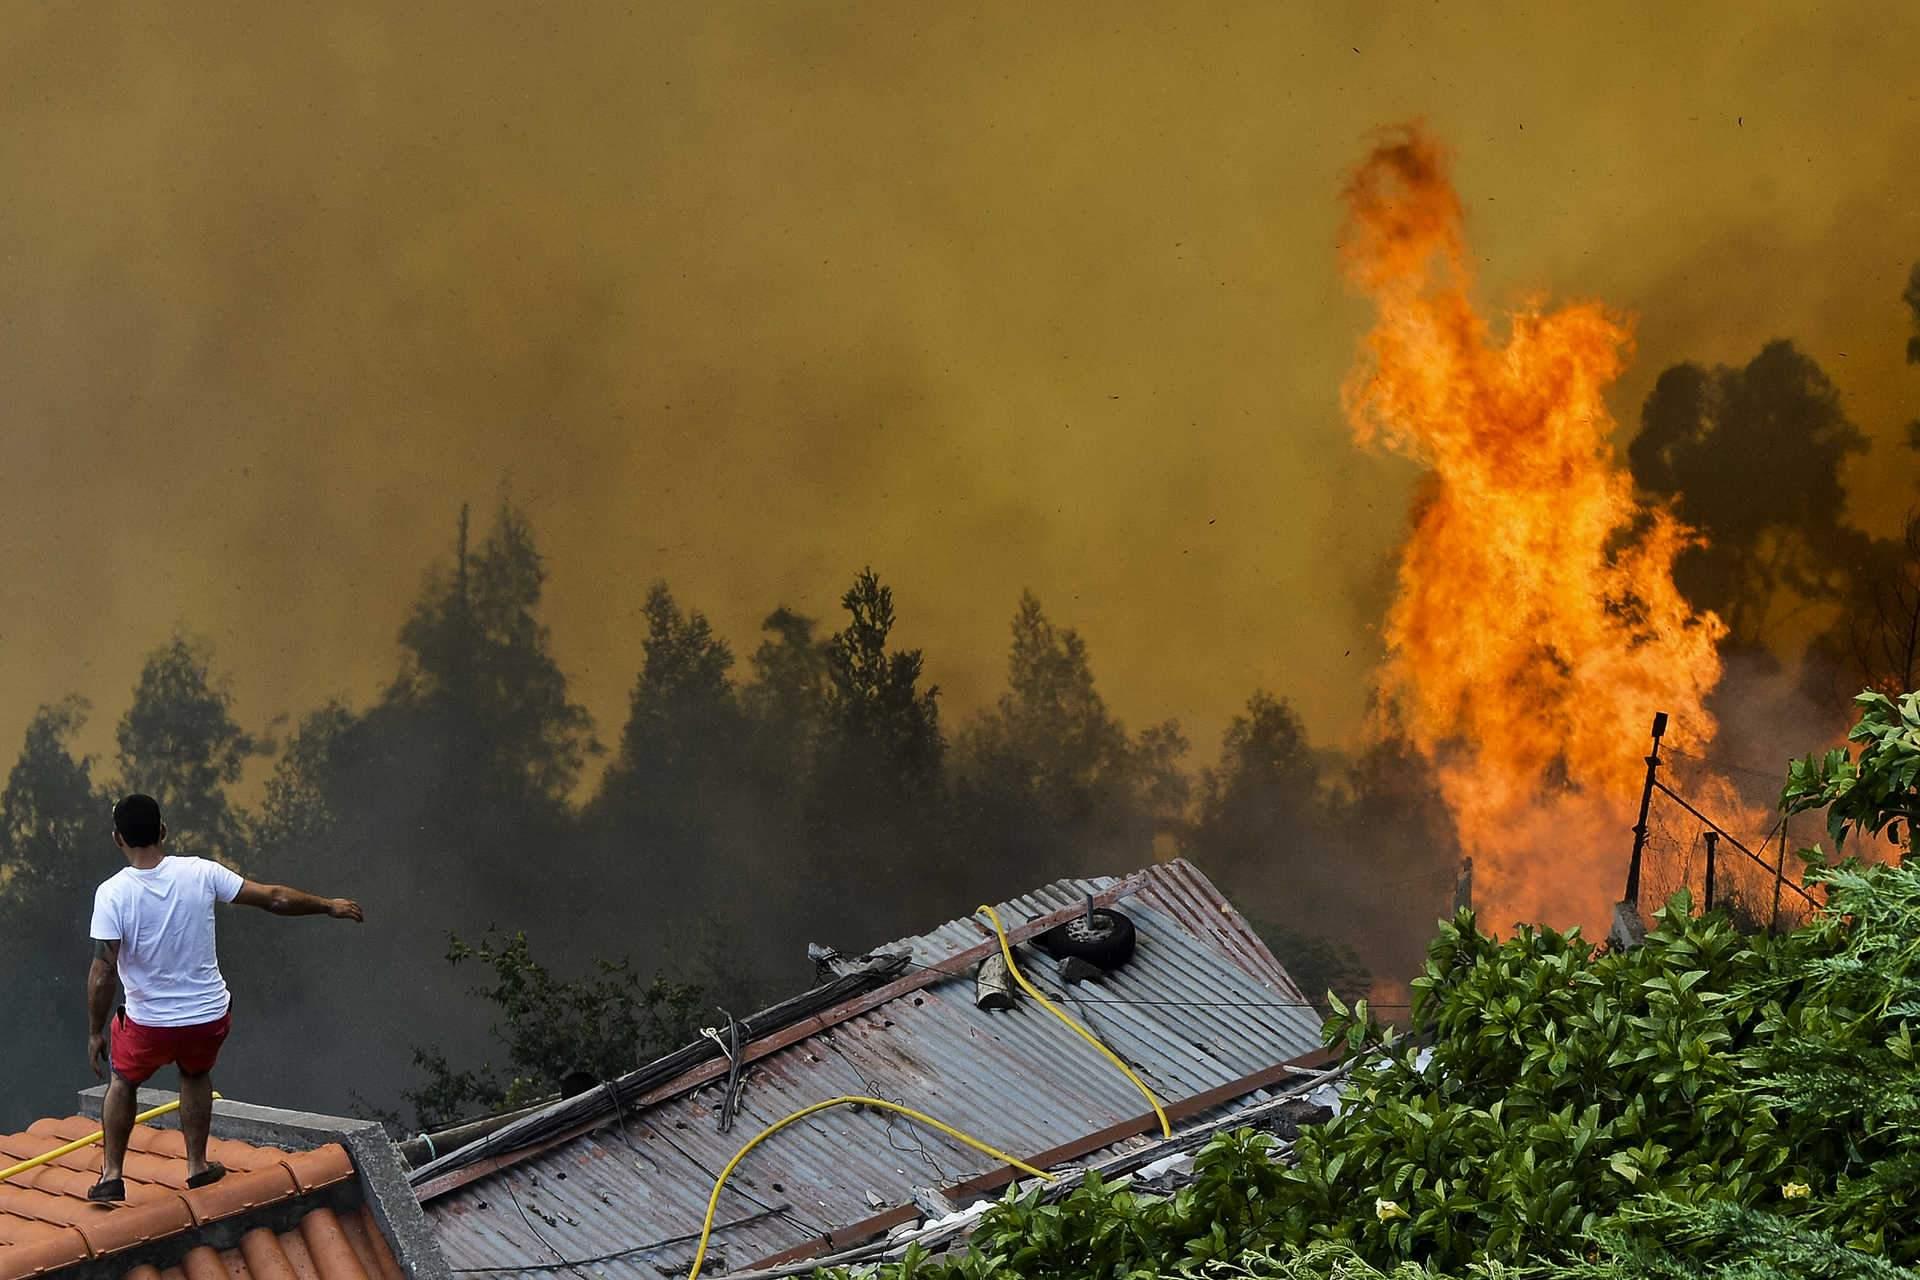 Fogo se alastrou já para regiões norte e centro de Portugal em época de verão europeu. Crédito: www.dn.pt